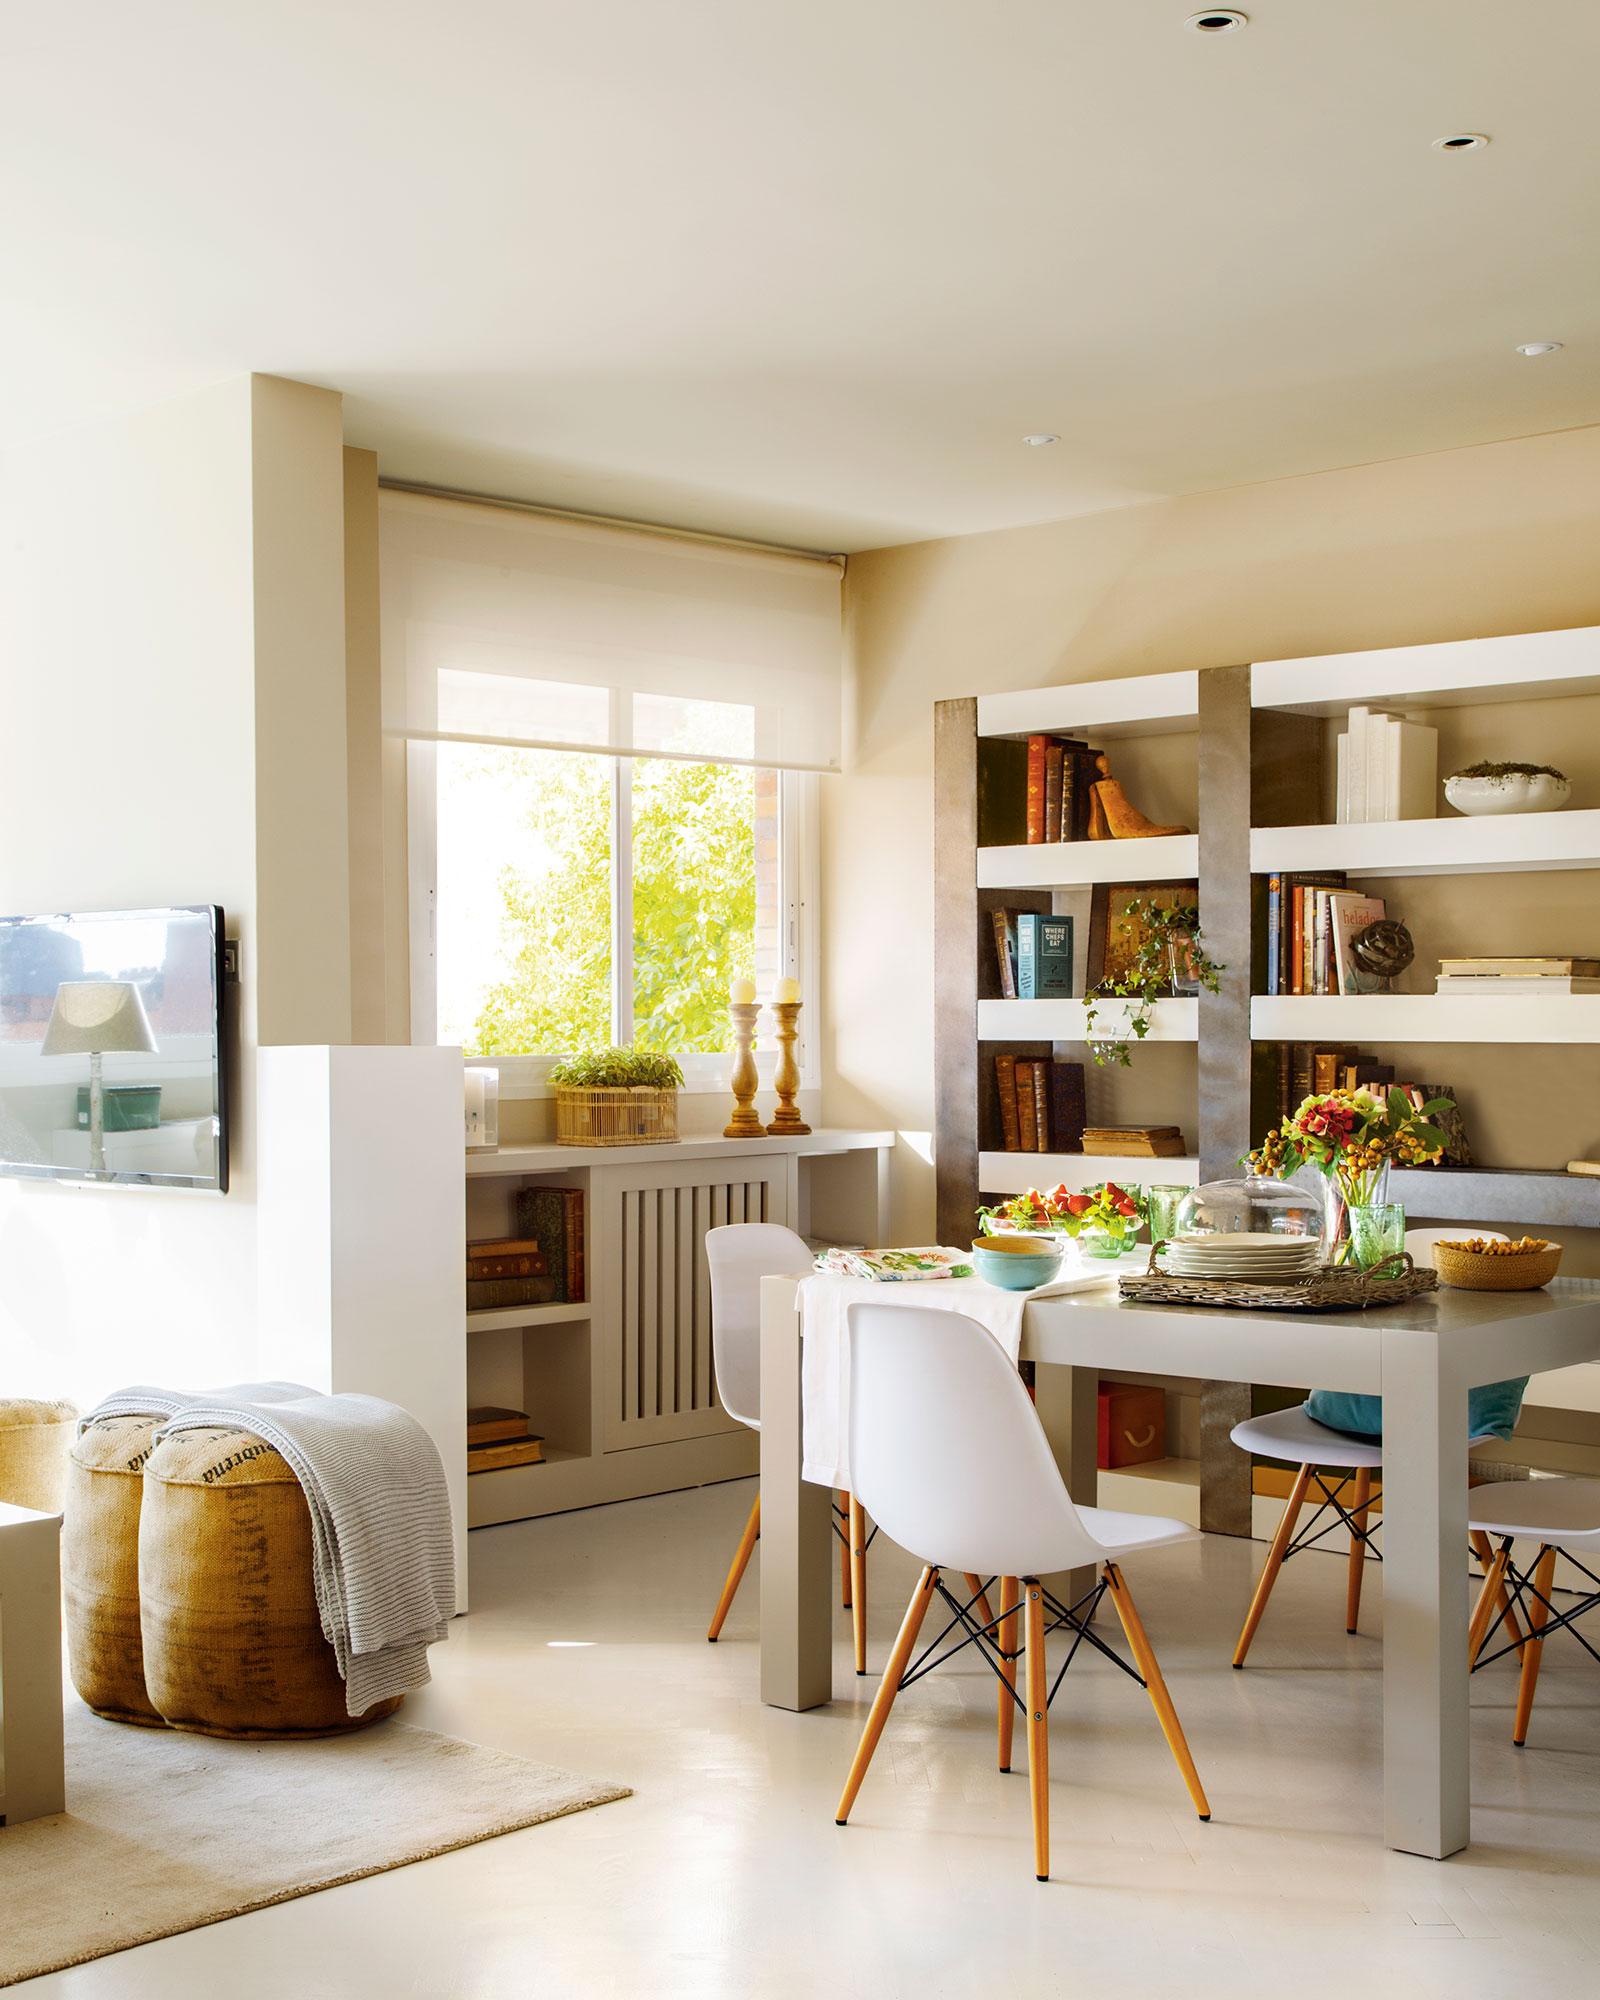 pequeñas mesas - Mobydec Muebles   Venta de muebles en línea salas ...